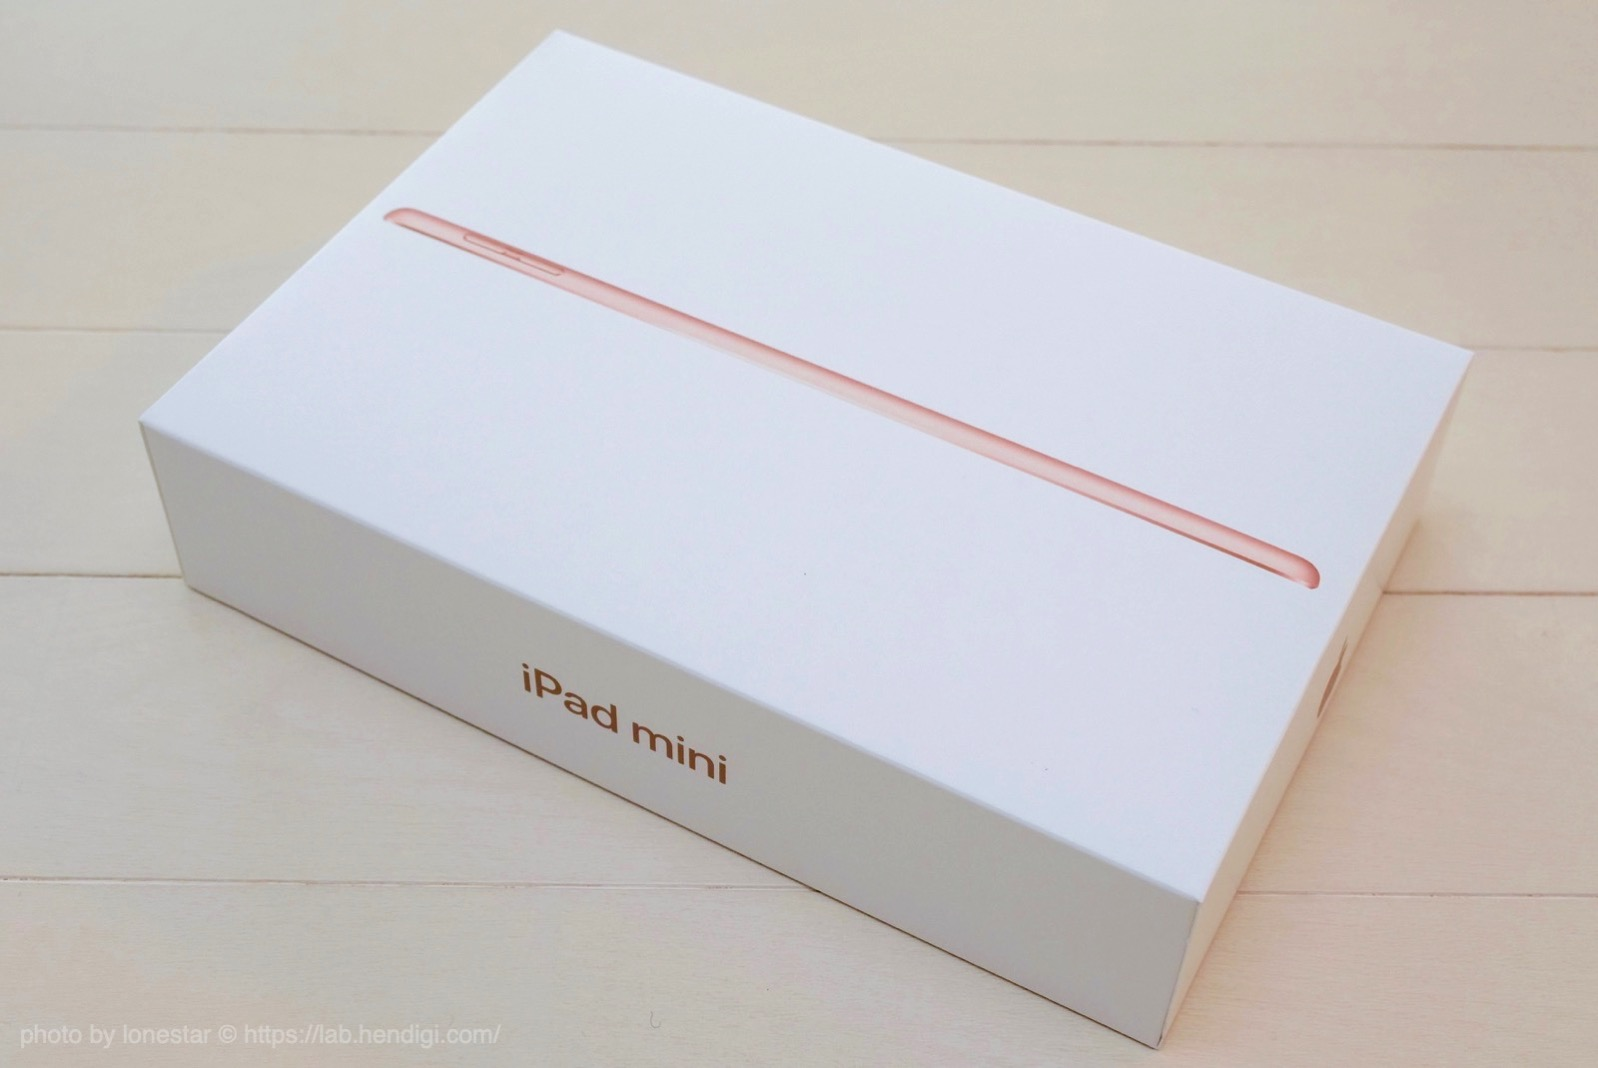 新型 iPad mini レビュー